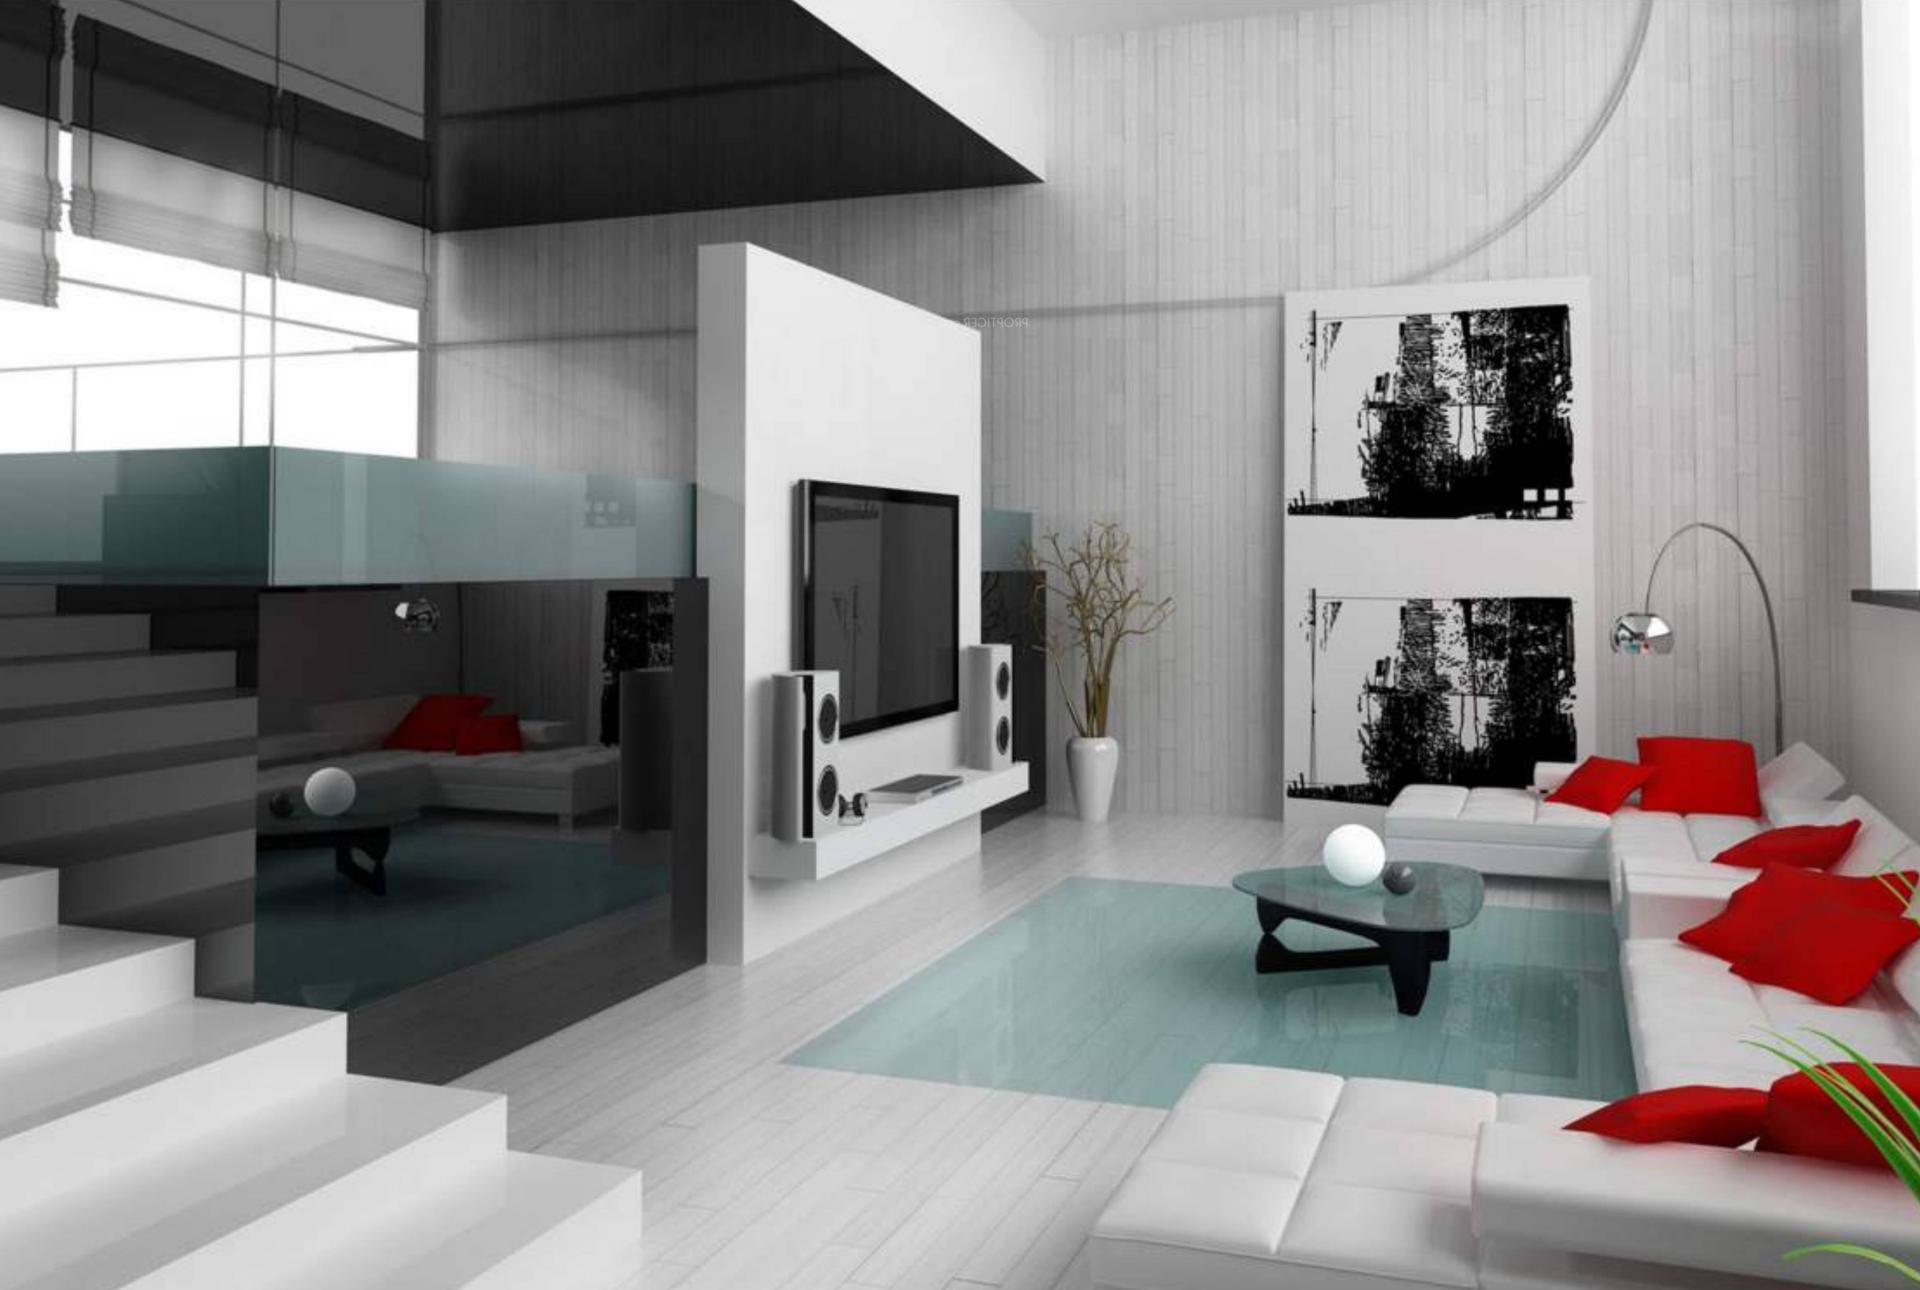 50 стильных идей для создания дизайн-проекта своими руками: